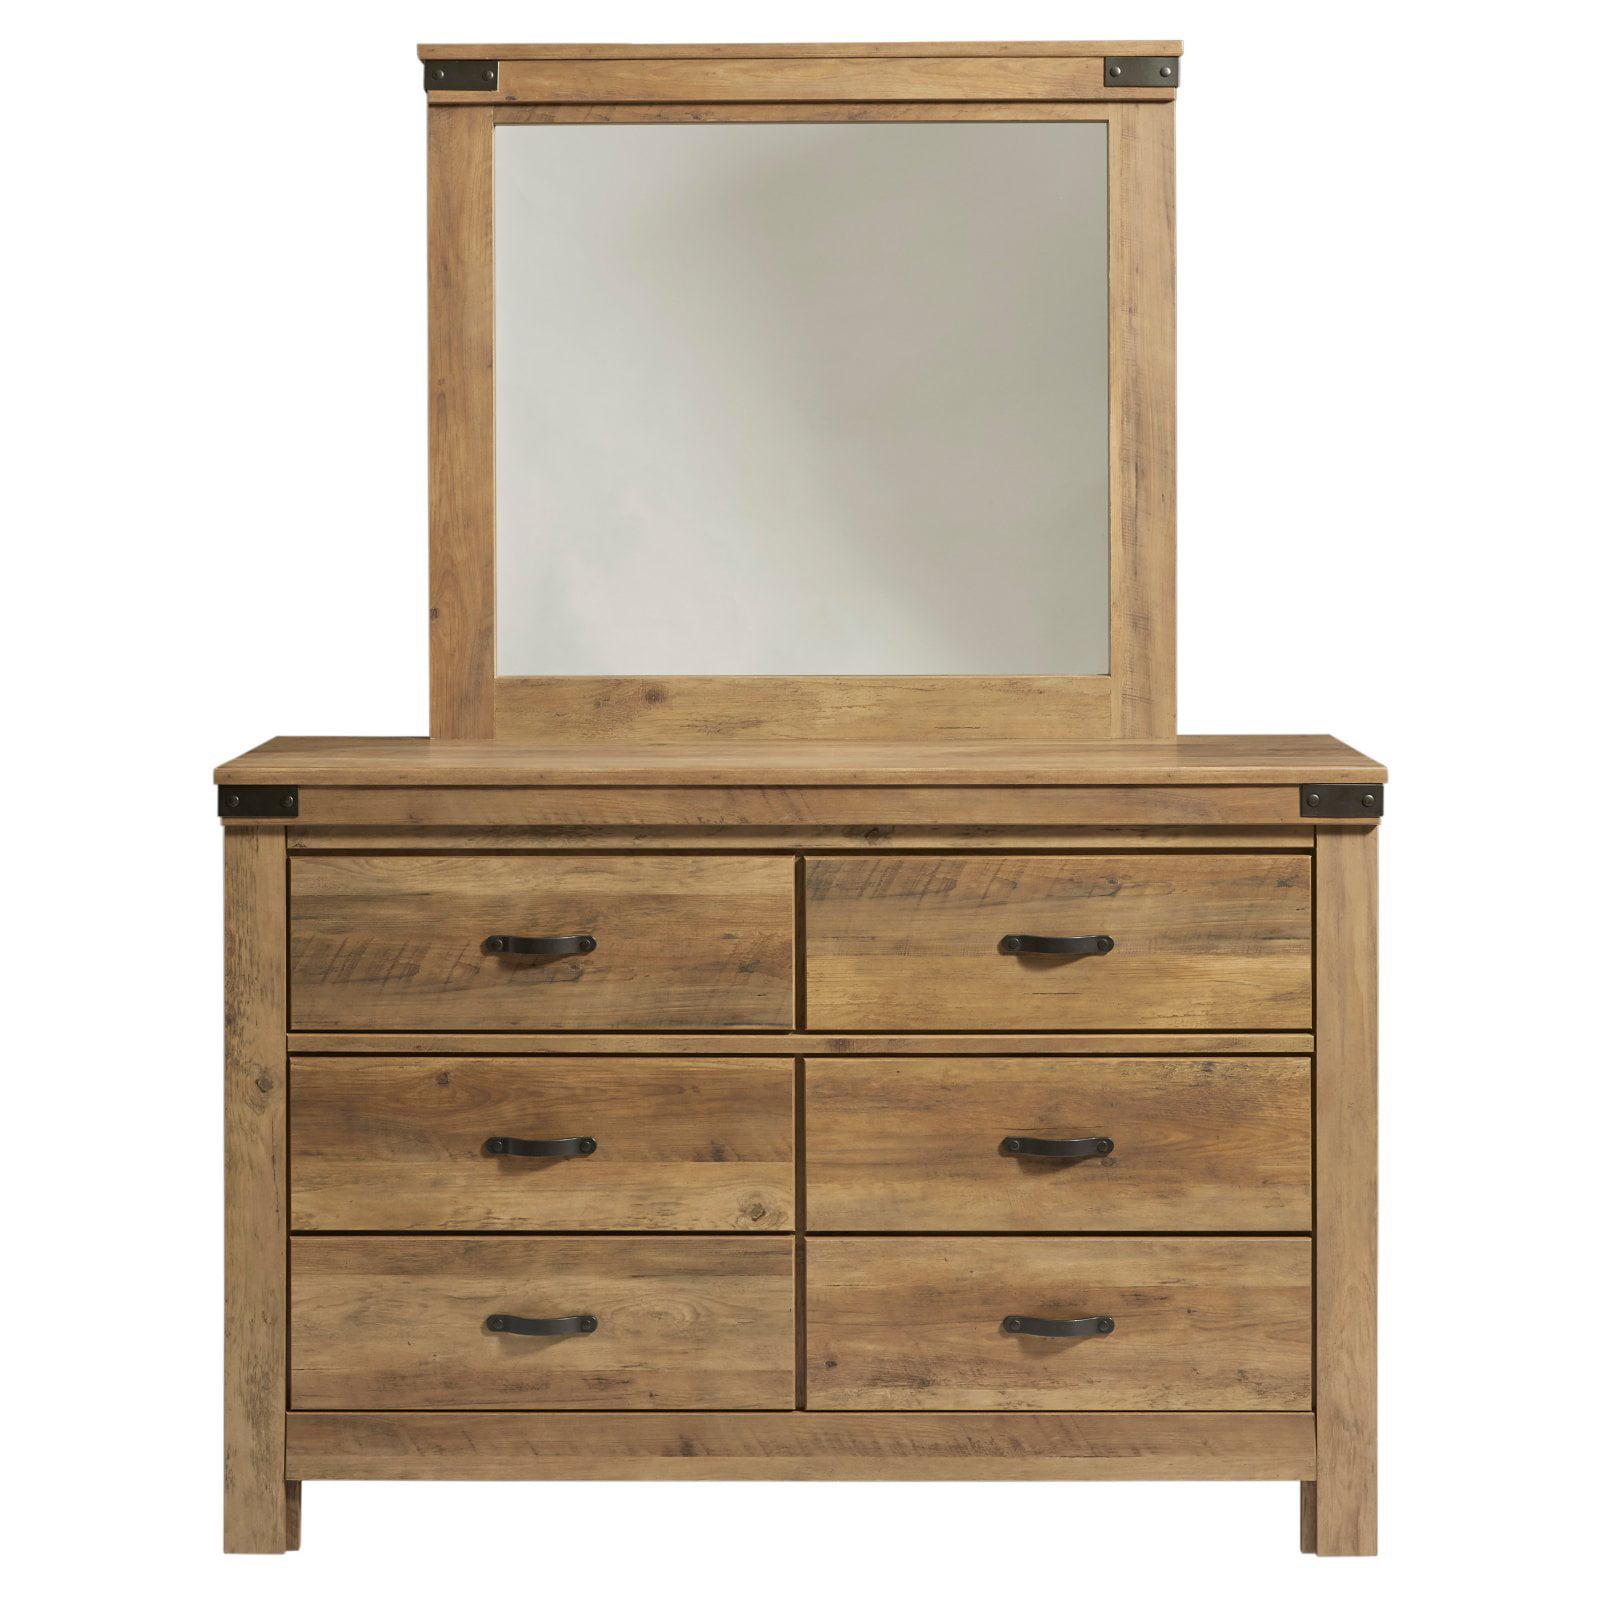 Standard Furniture Warren Youth 6 Drawer Dresser with Optional Mirror - Golden Pine